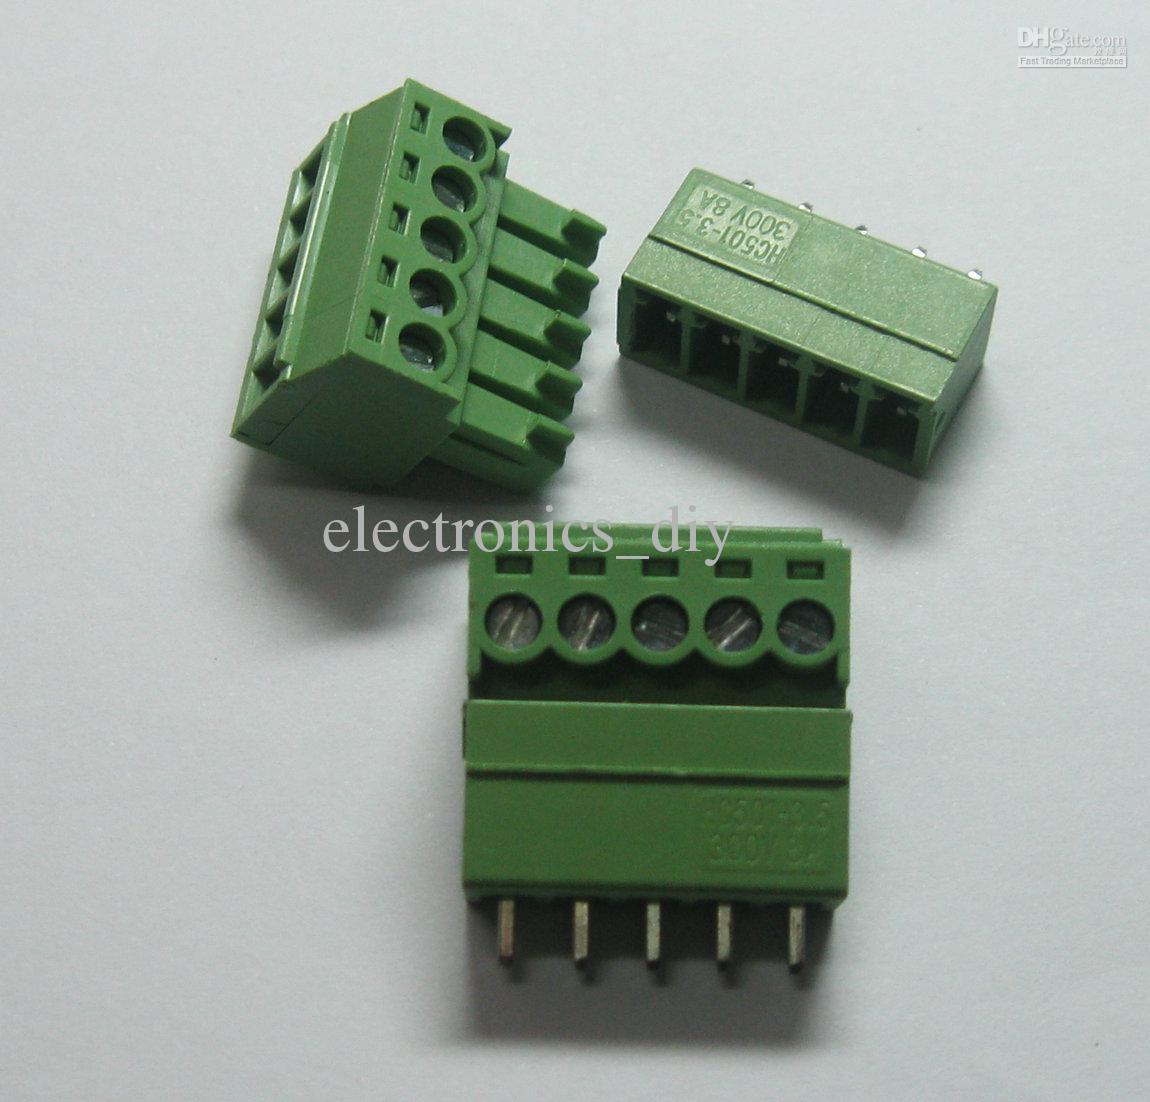 5pin / way Passo 3.5mm Conector Do Bloco de Terminais de Parafuso Cor Verde Tipo T com pino